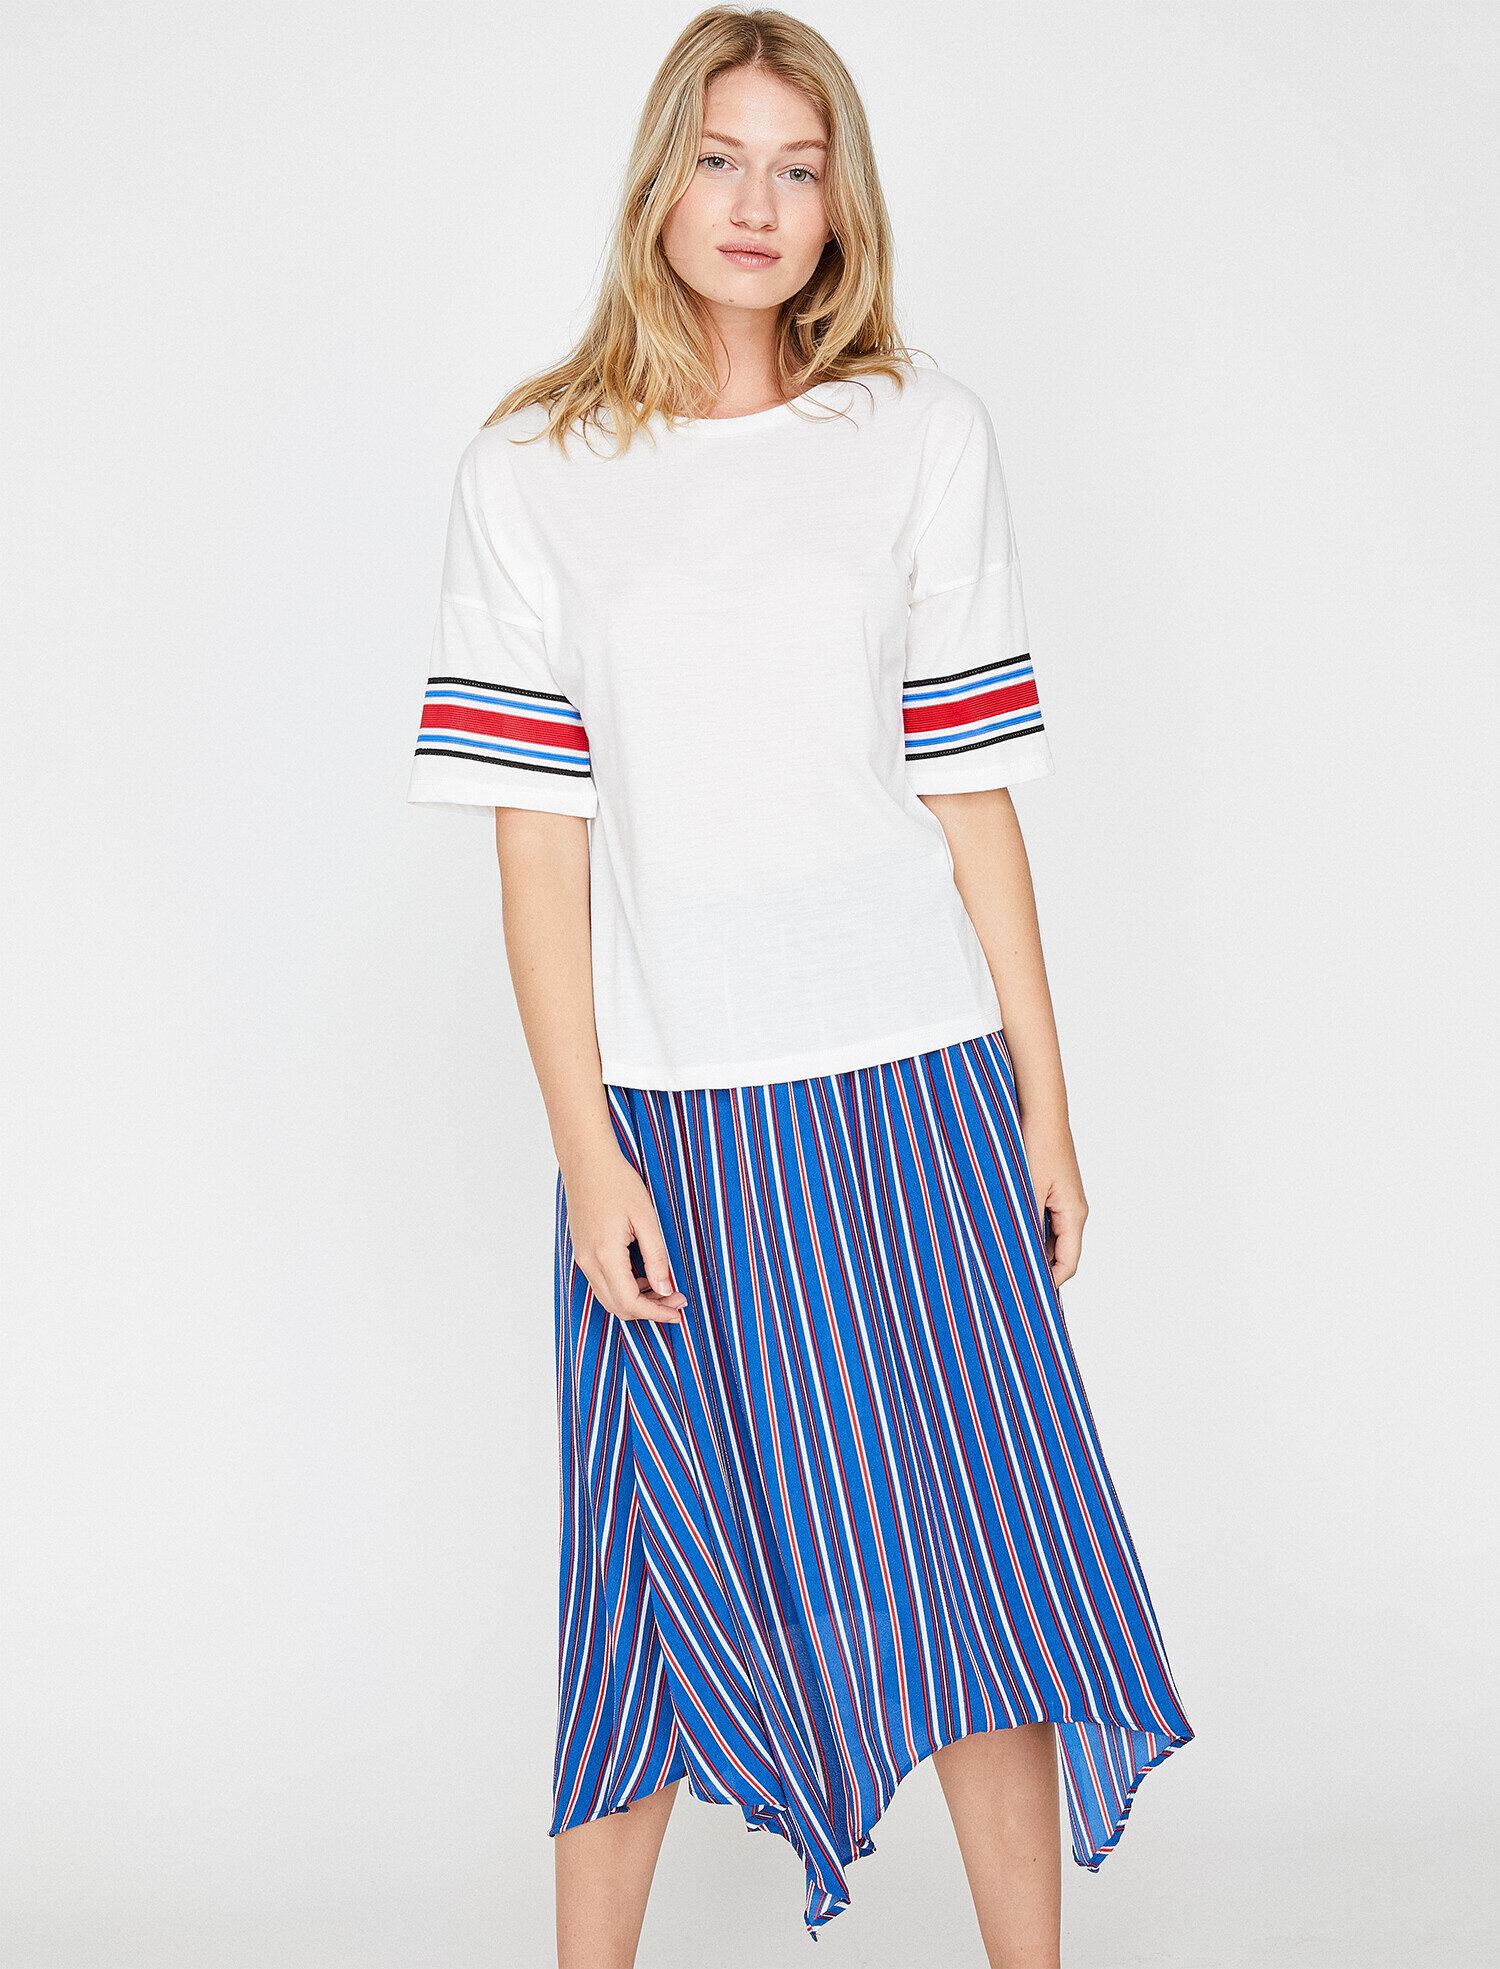 Koton Kadın Kol Detayli T-Shirt Beyaz Ürün Resmi